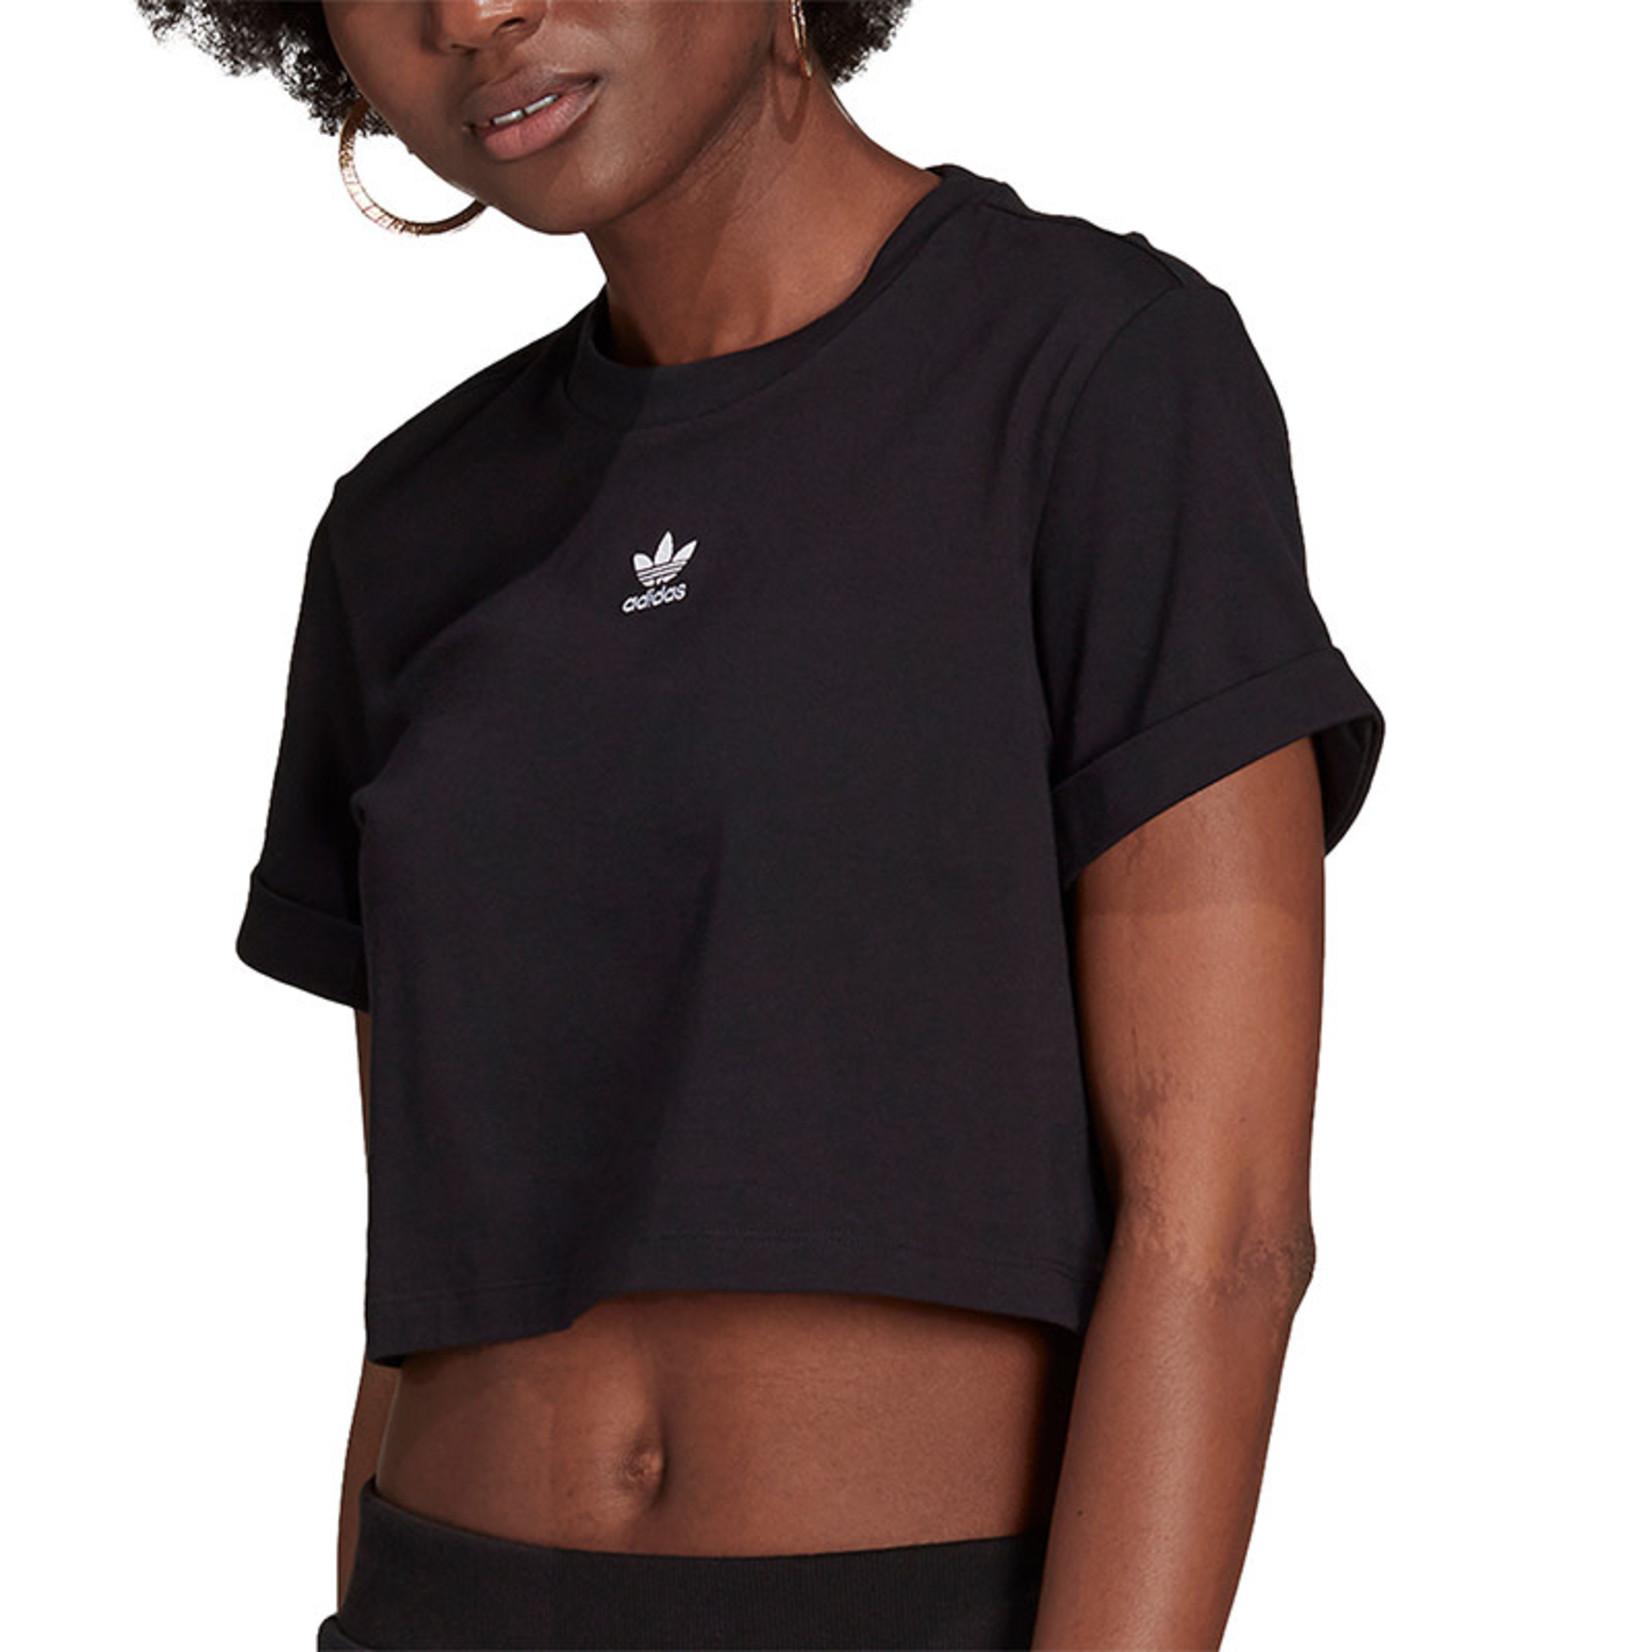 Adidas Adidas : Adicolor Essential Crop Tee